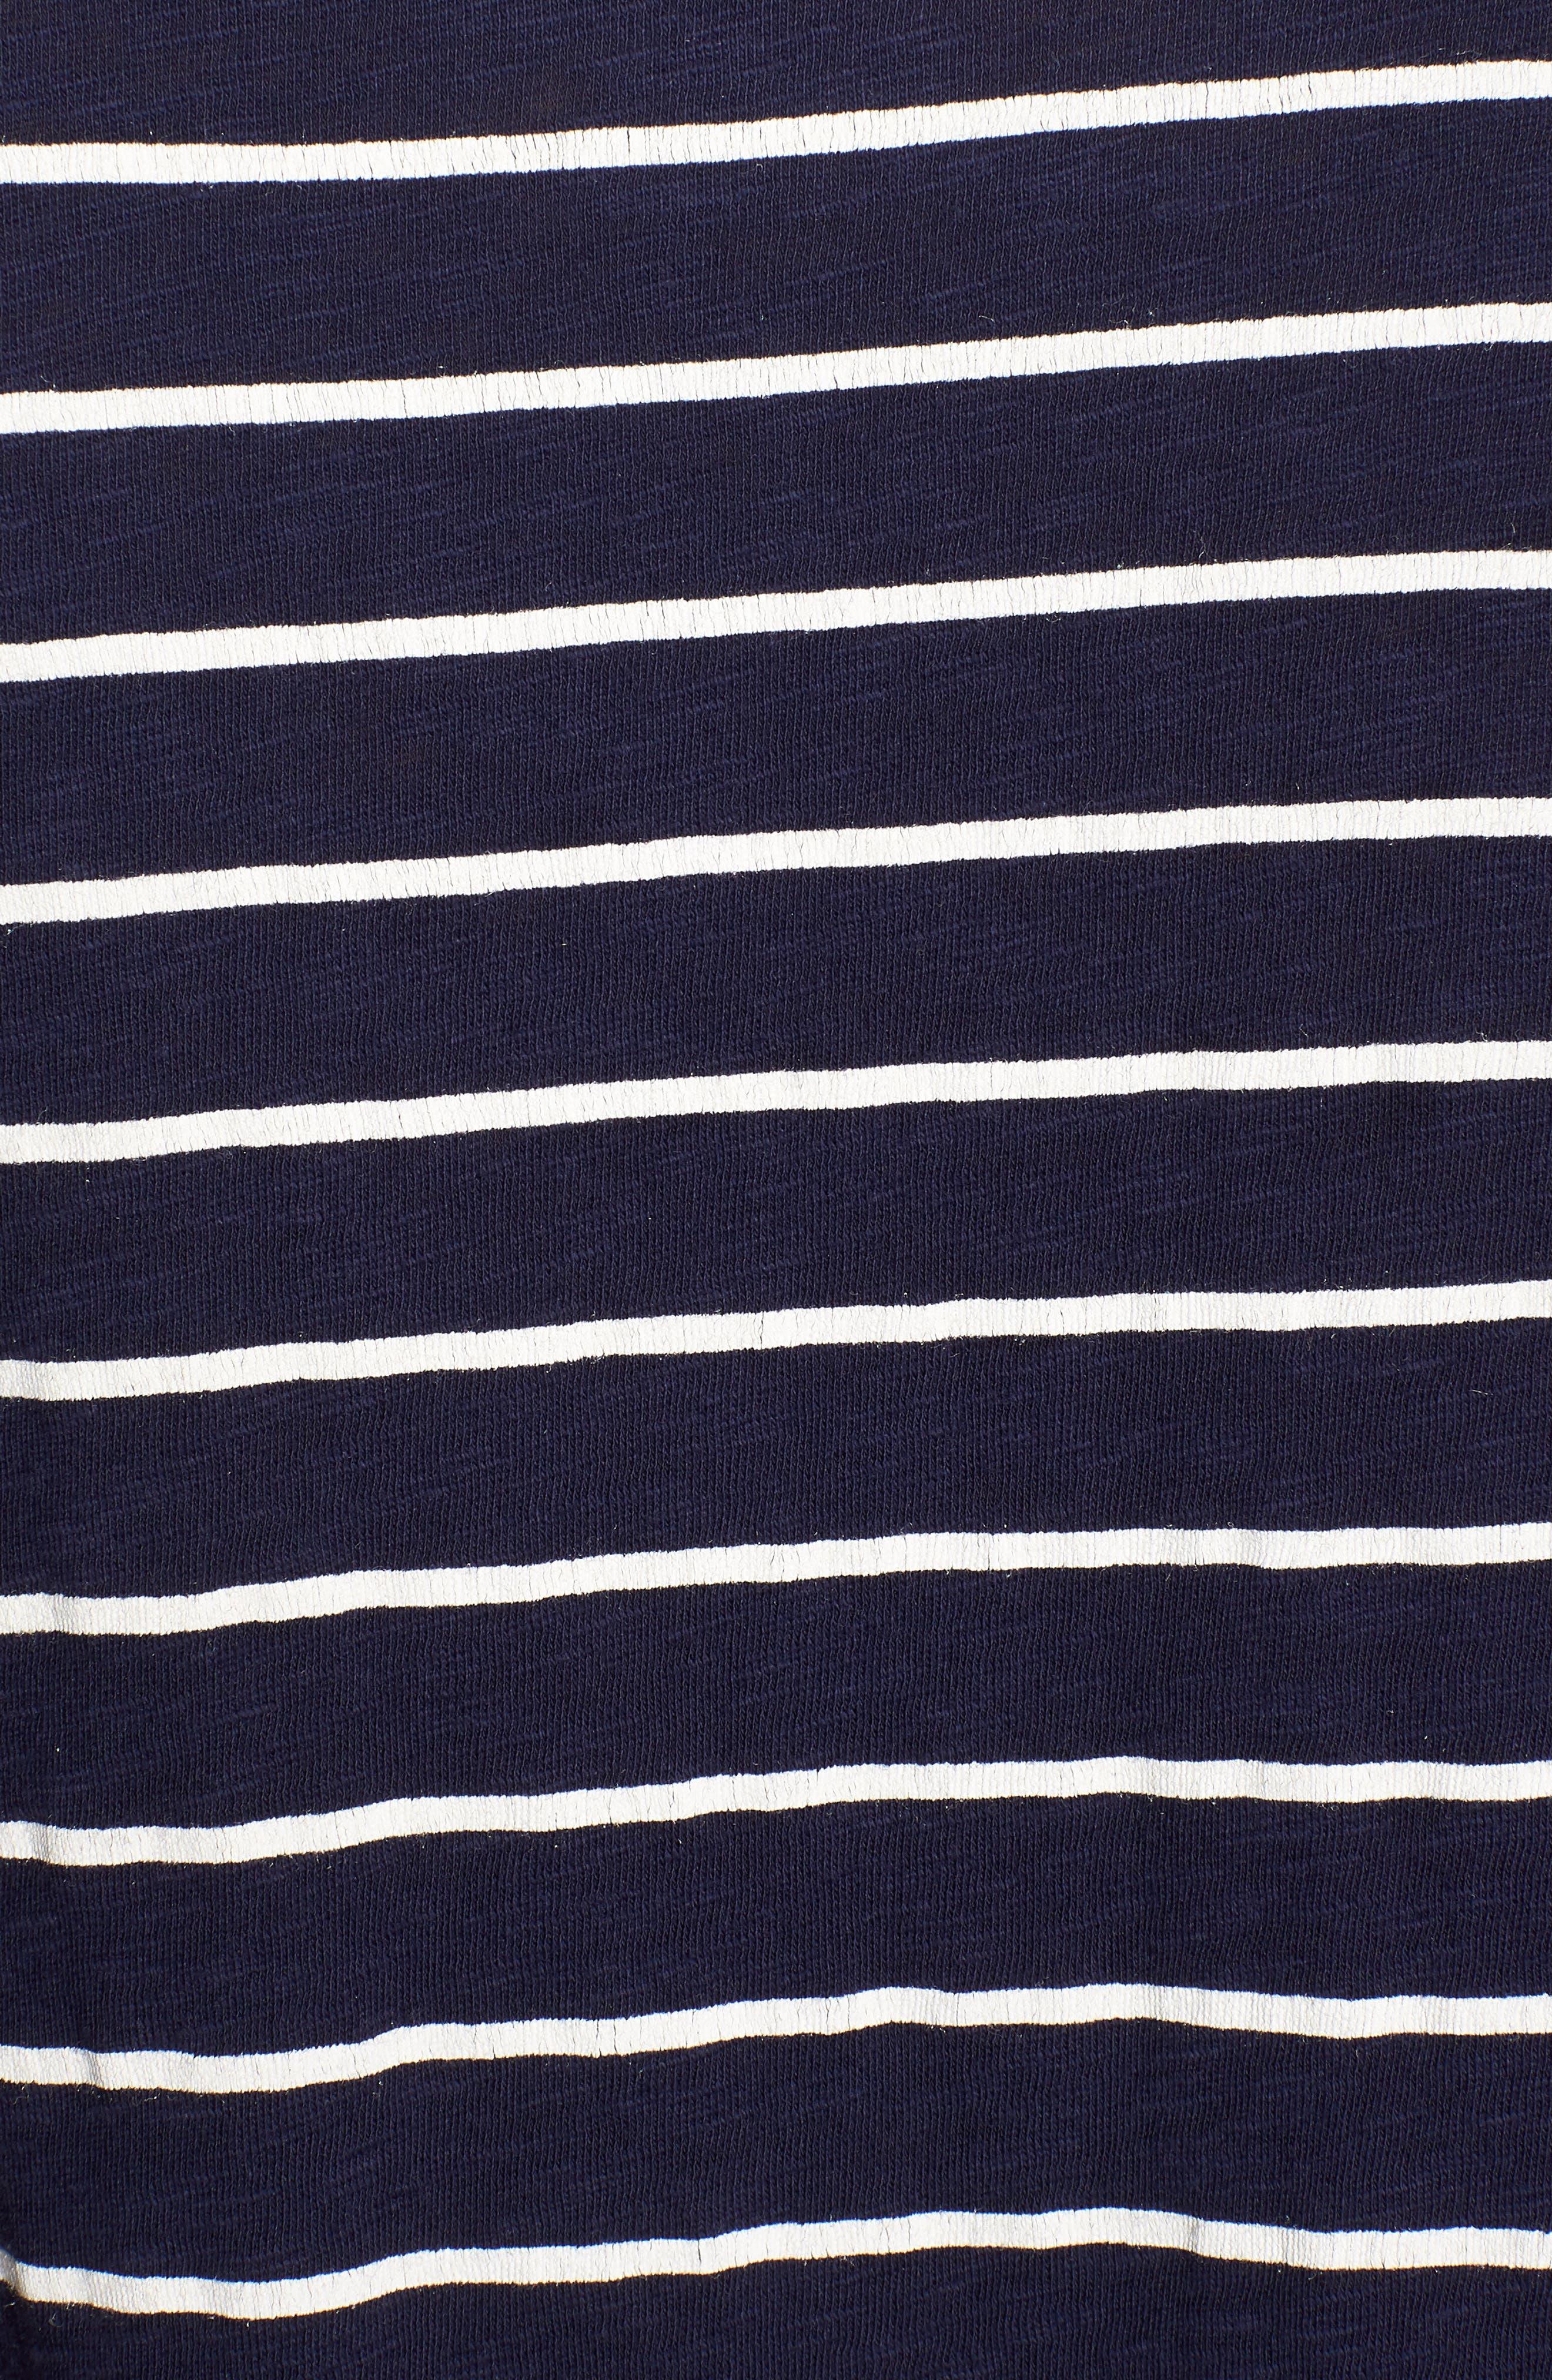 Rounded V-Neck Tee,                             Alternate thumbnail 6, color,                             Navy- White Julia Stripe